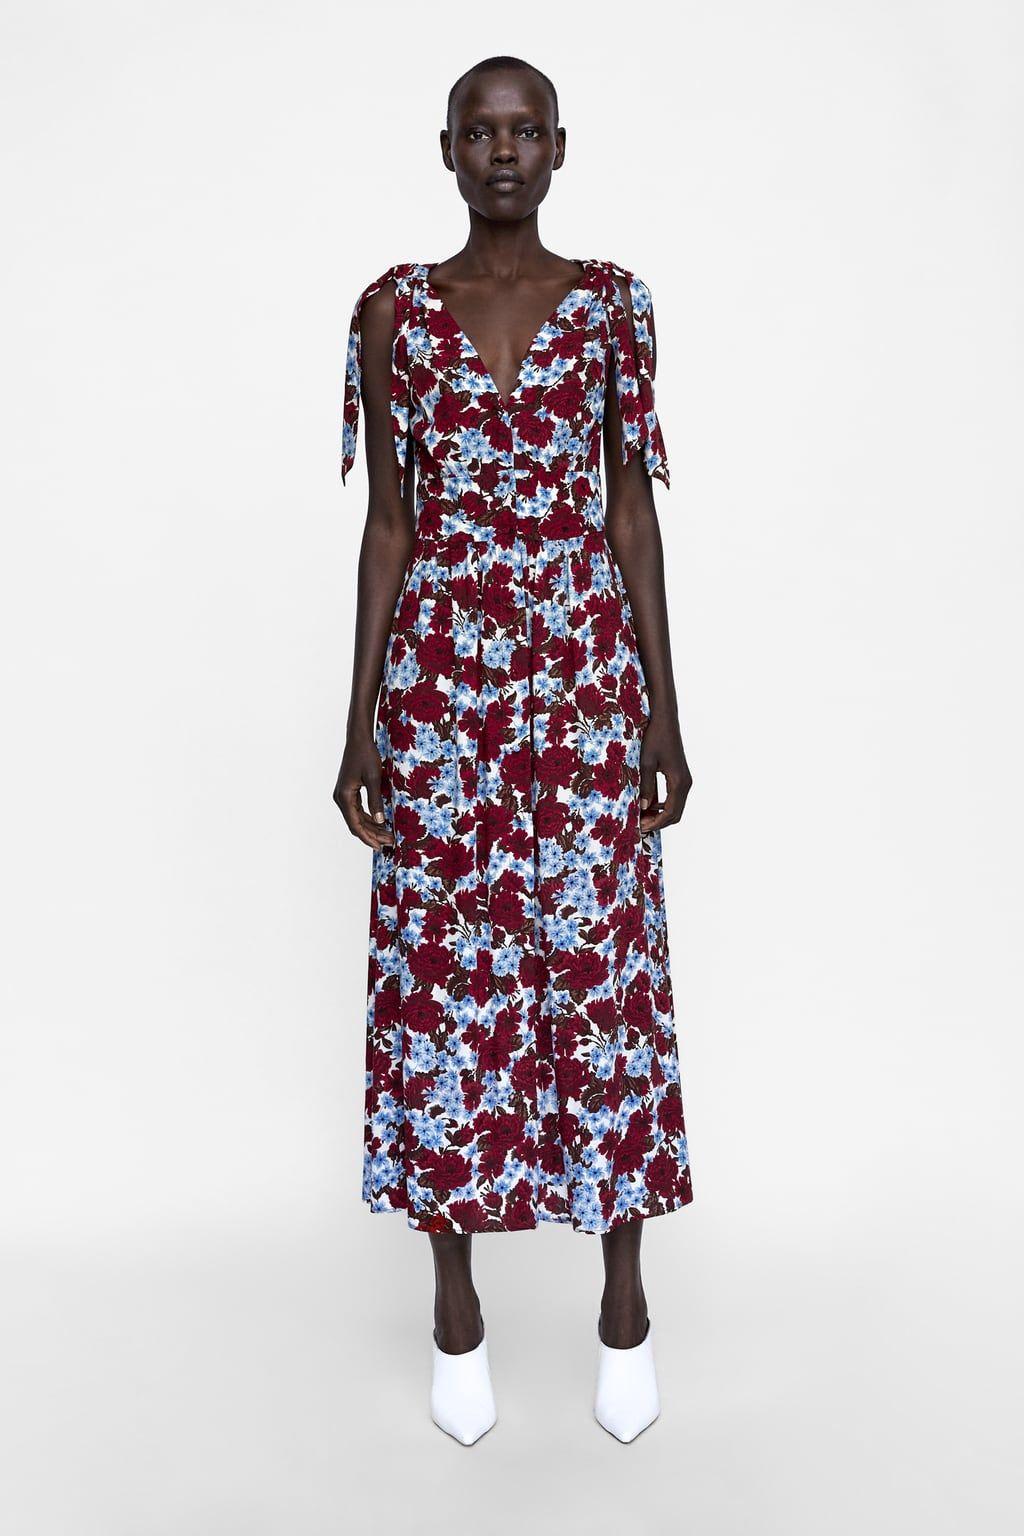 9c3ab8d569a ZARA - WOMAN - FLORAL PRINT DRESS WITH TIES Осенние Платья Подружек  Невесты